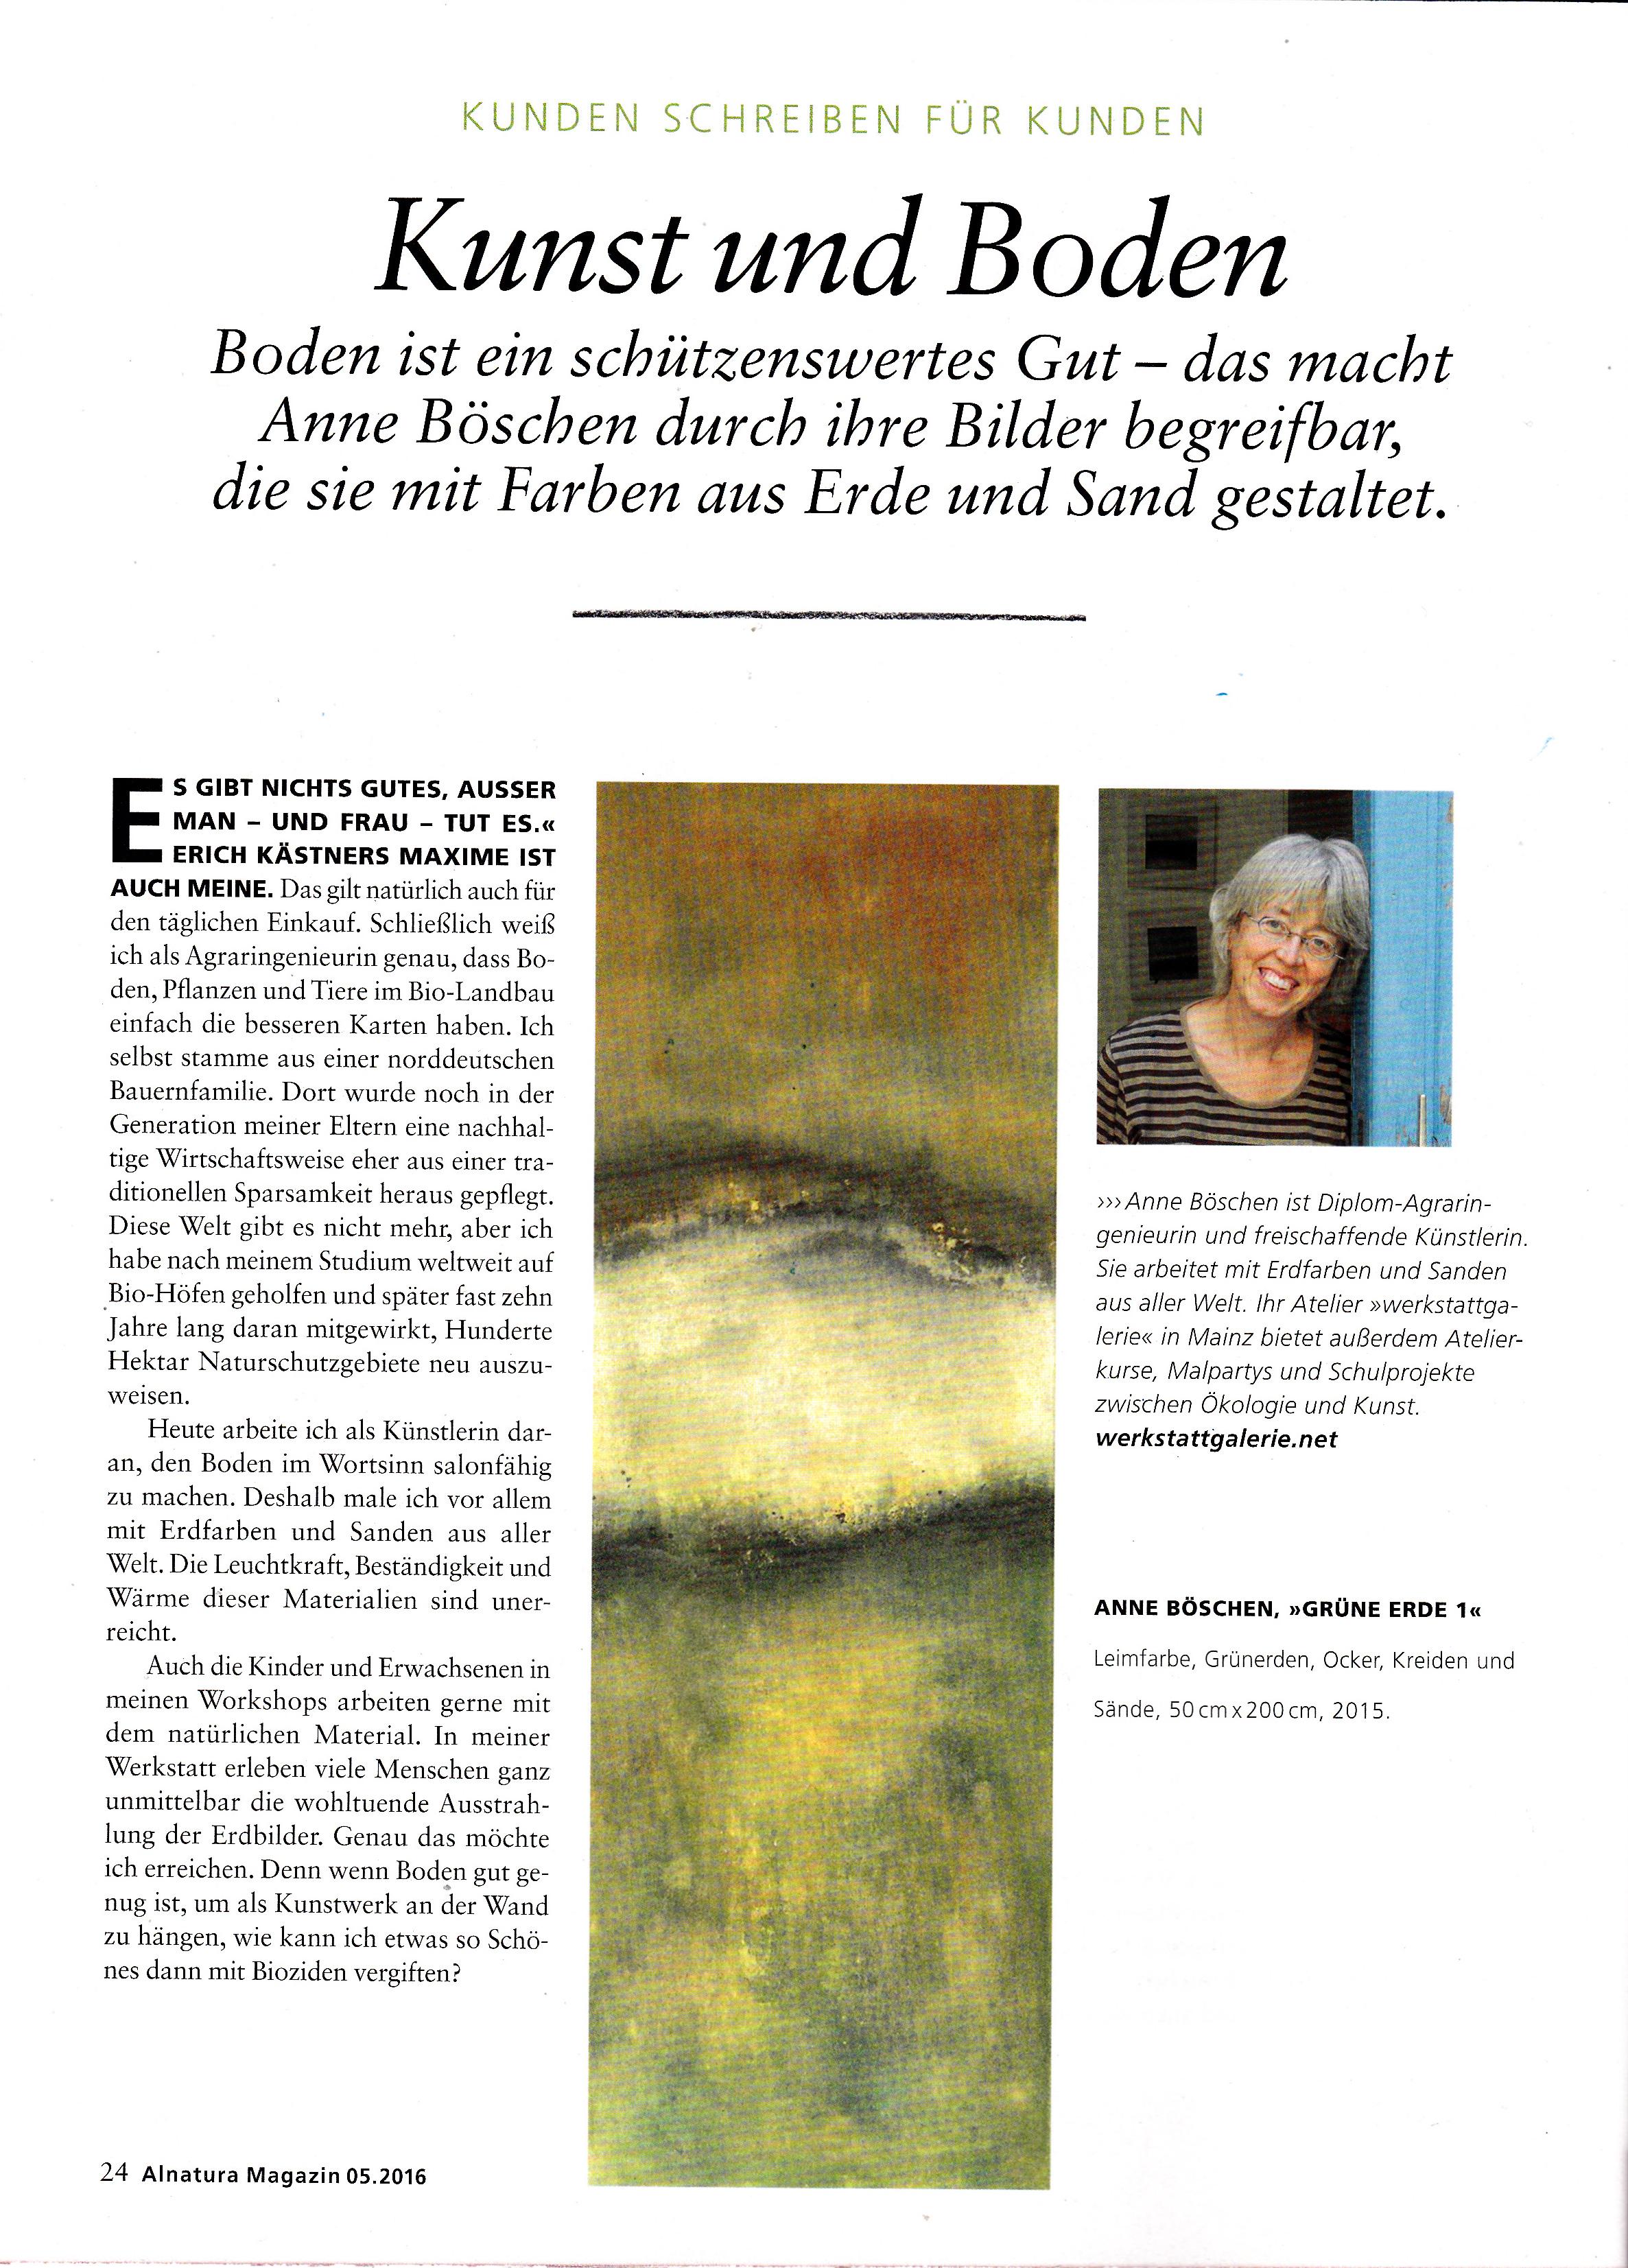 Alnatura Magazin Mai 2016